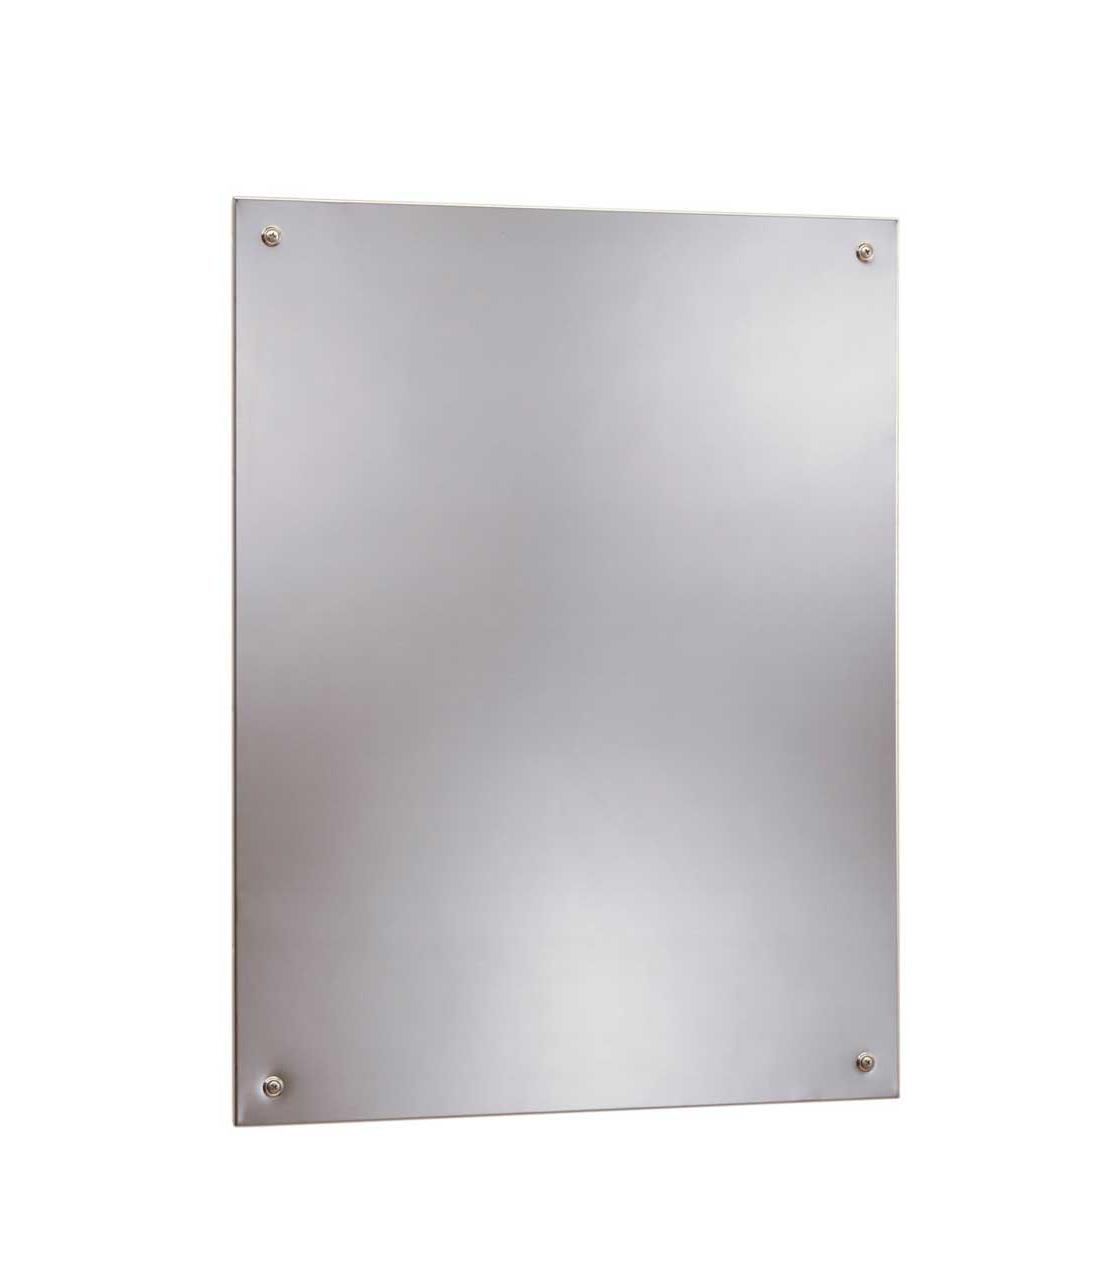 Bobrick B-1556 1824 Frameless Stainless Steel Mirror